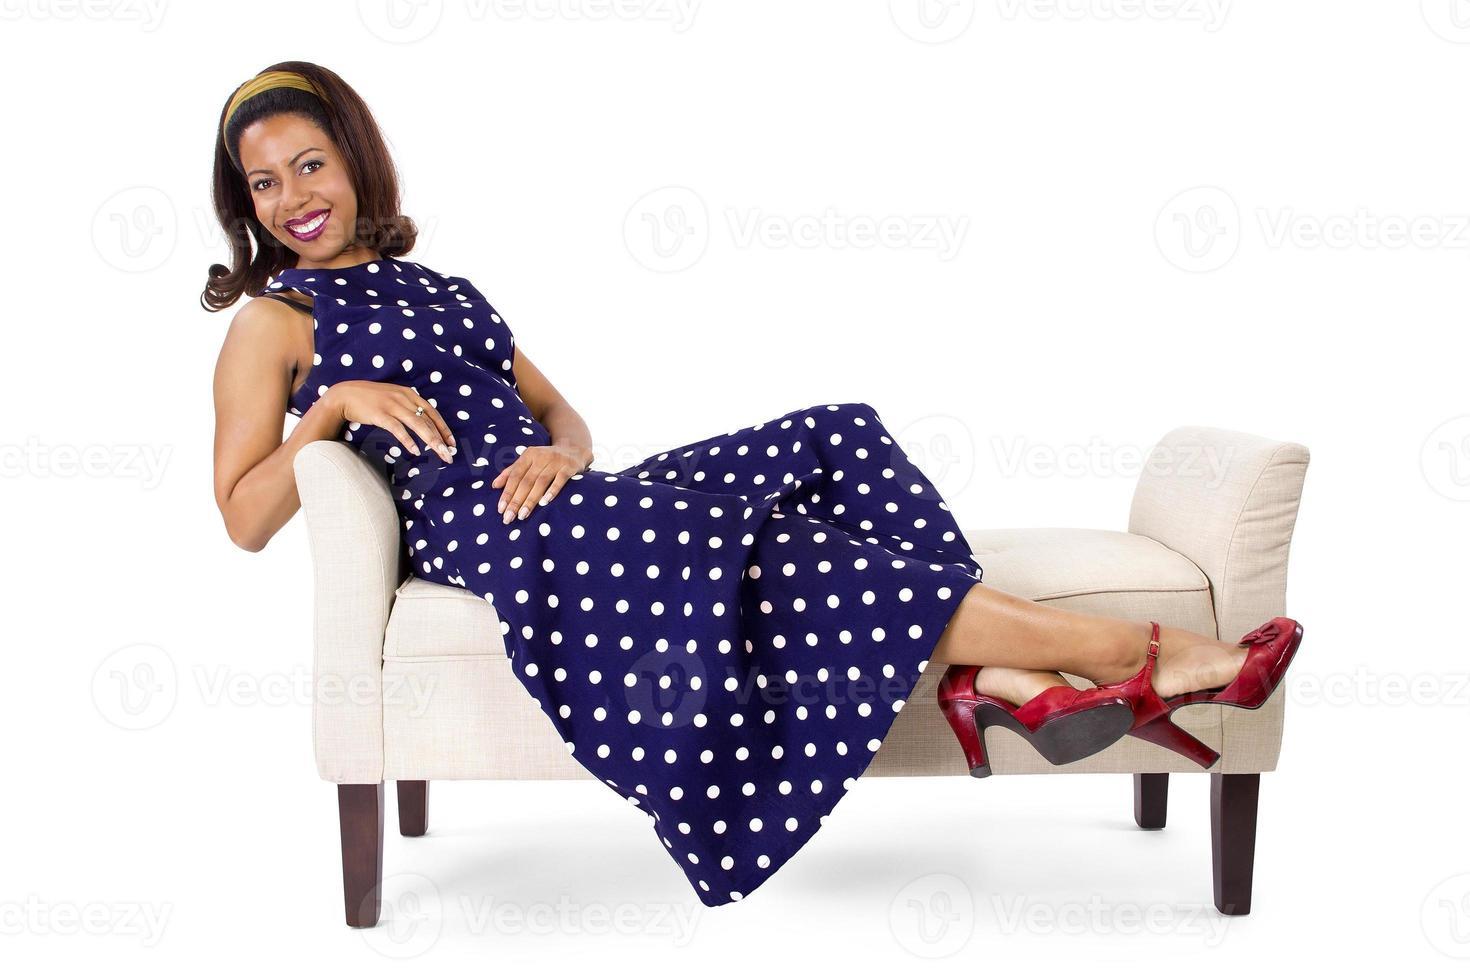 vintage stijl vrouw tot op een chaise longue foto